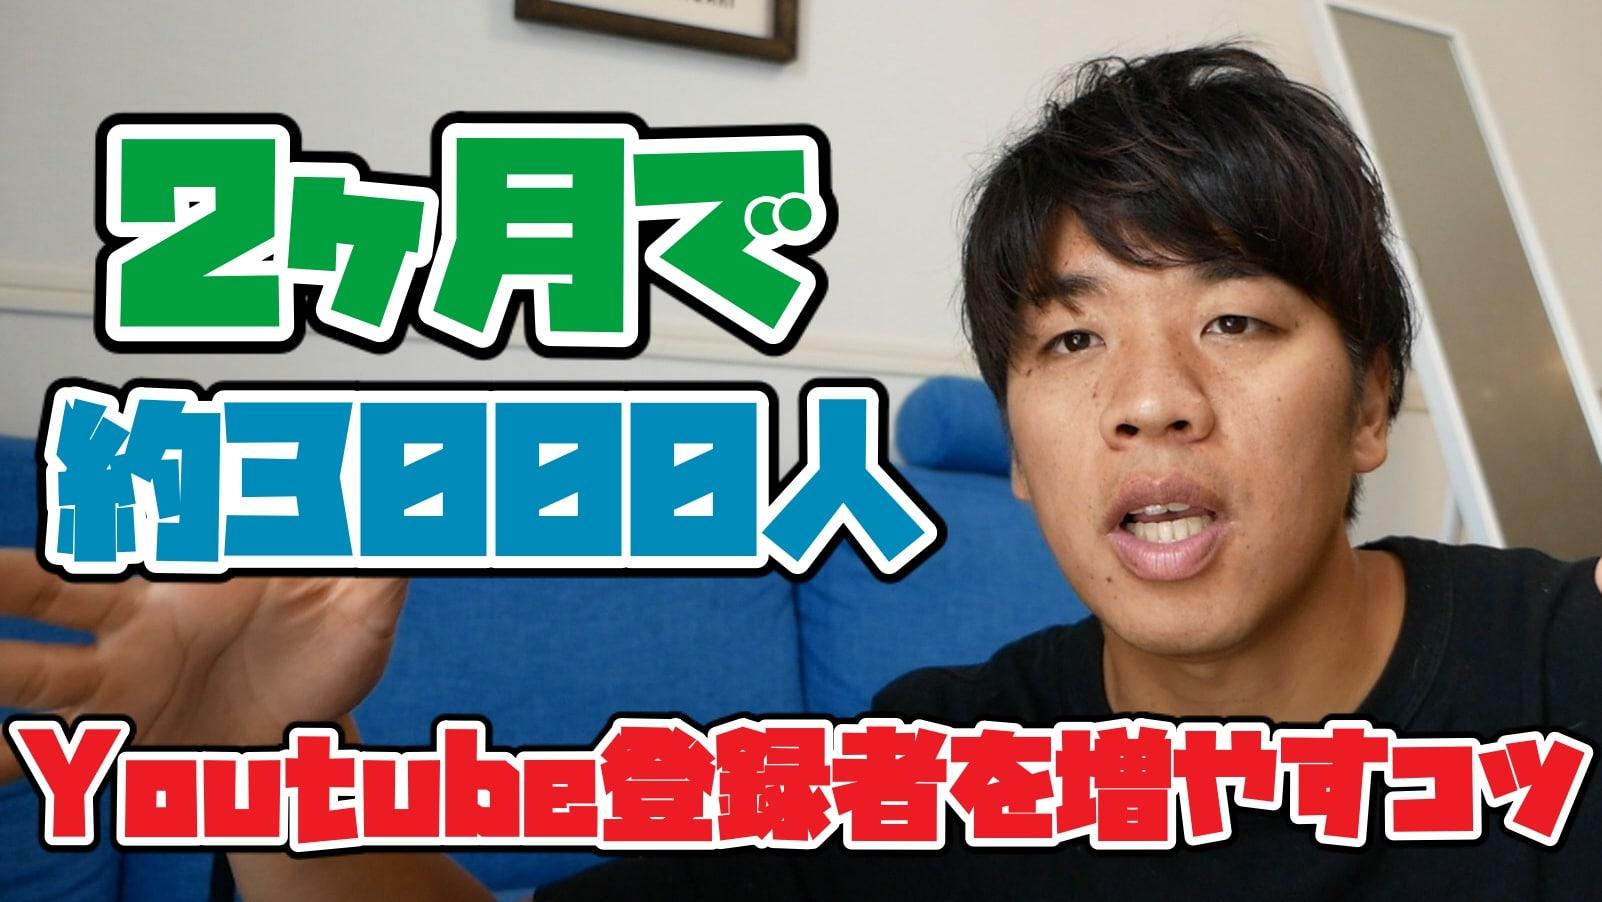 【2ヶ月で3000人】Youtubeチャンネル登録者数を増やした方法を完全暴露!